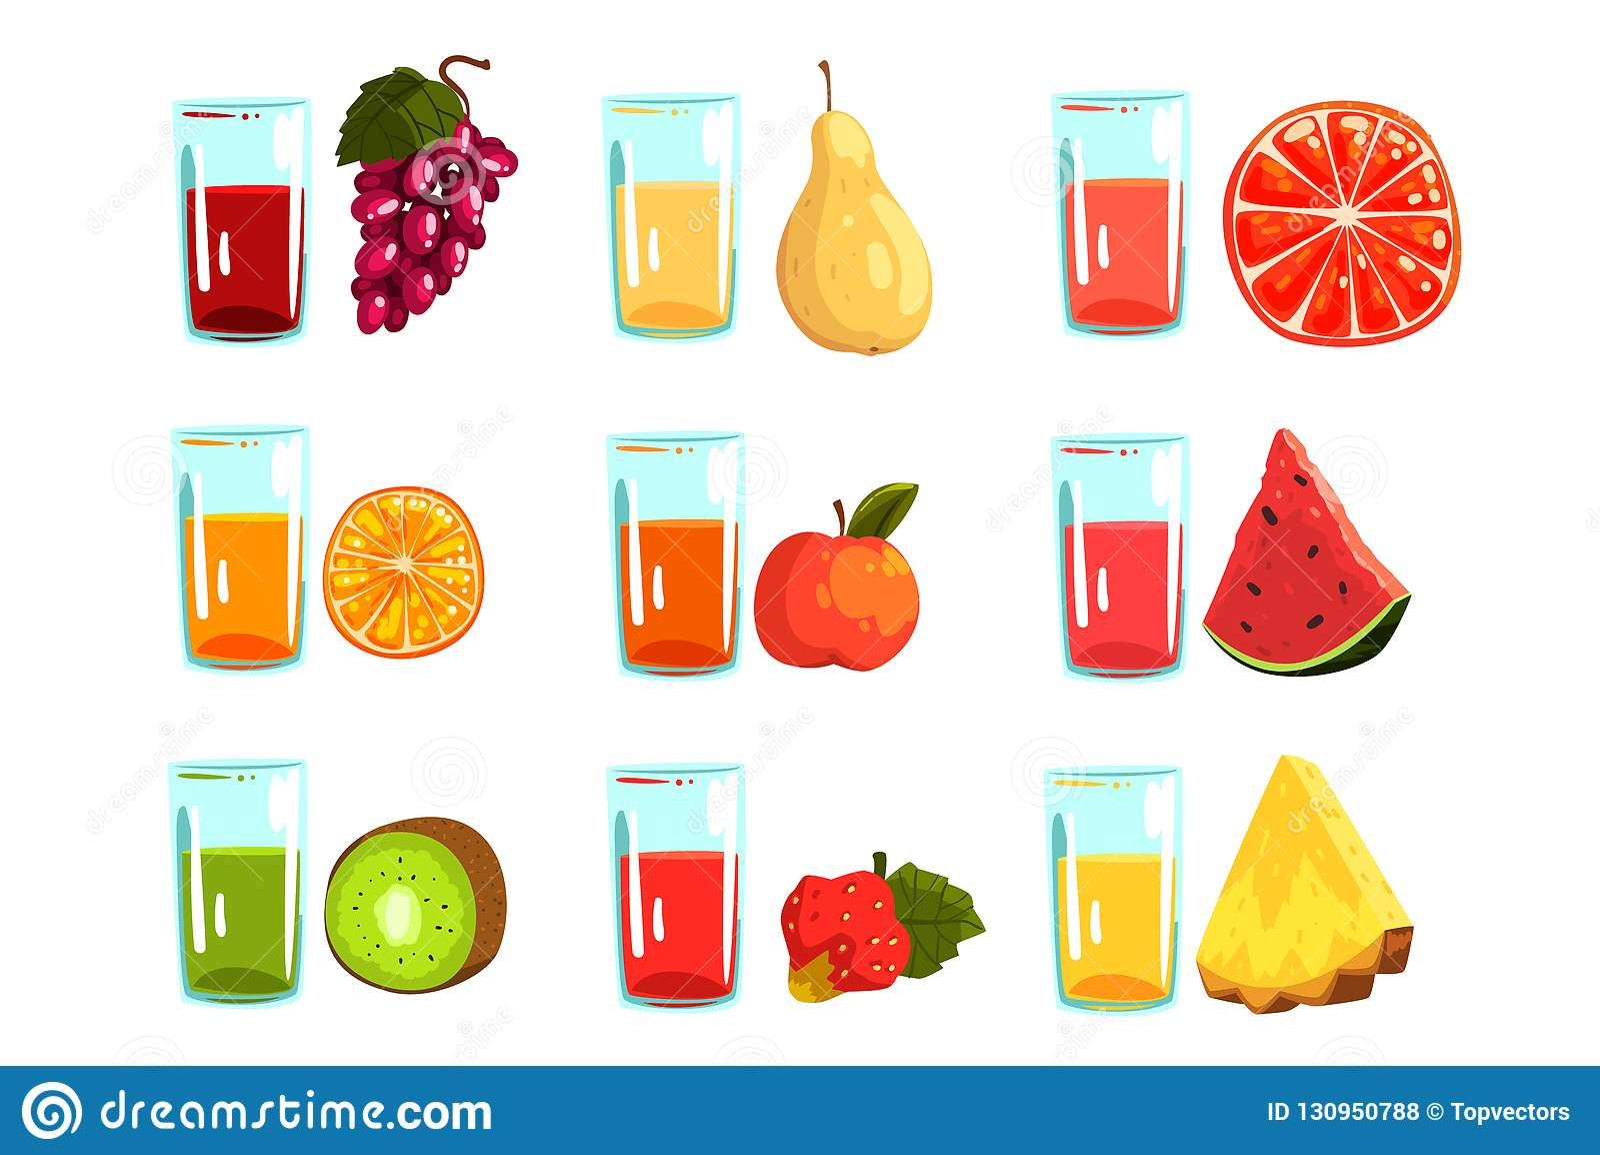 果汁设置了,桔子,苹果,西瓜,猕猴桃 草莓,菠萝,葡萄,梨,葡萄柚,为a喝